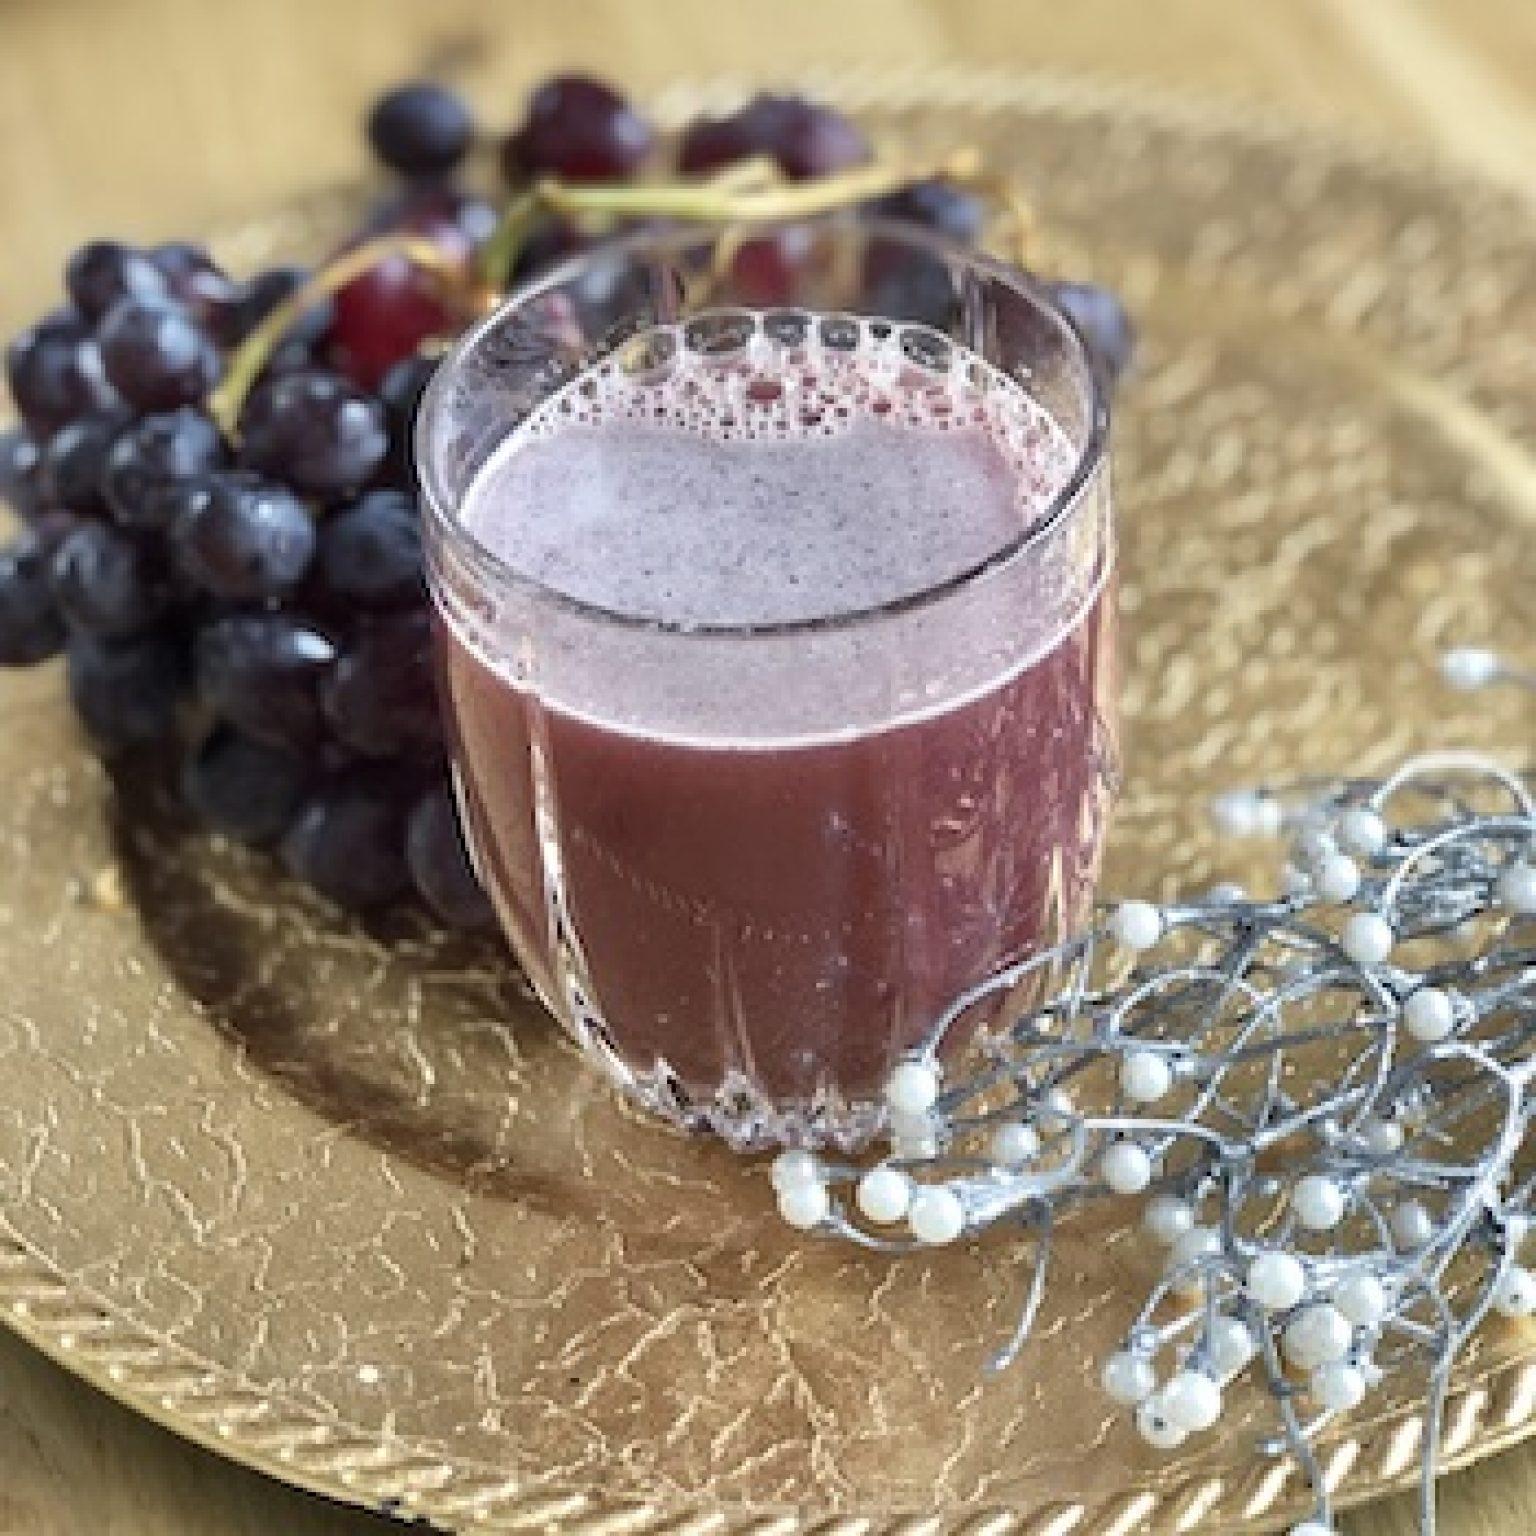 Antioxidantien Nahrungsergaenzung